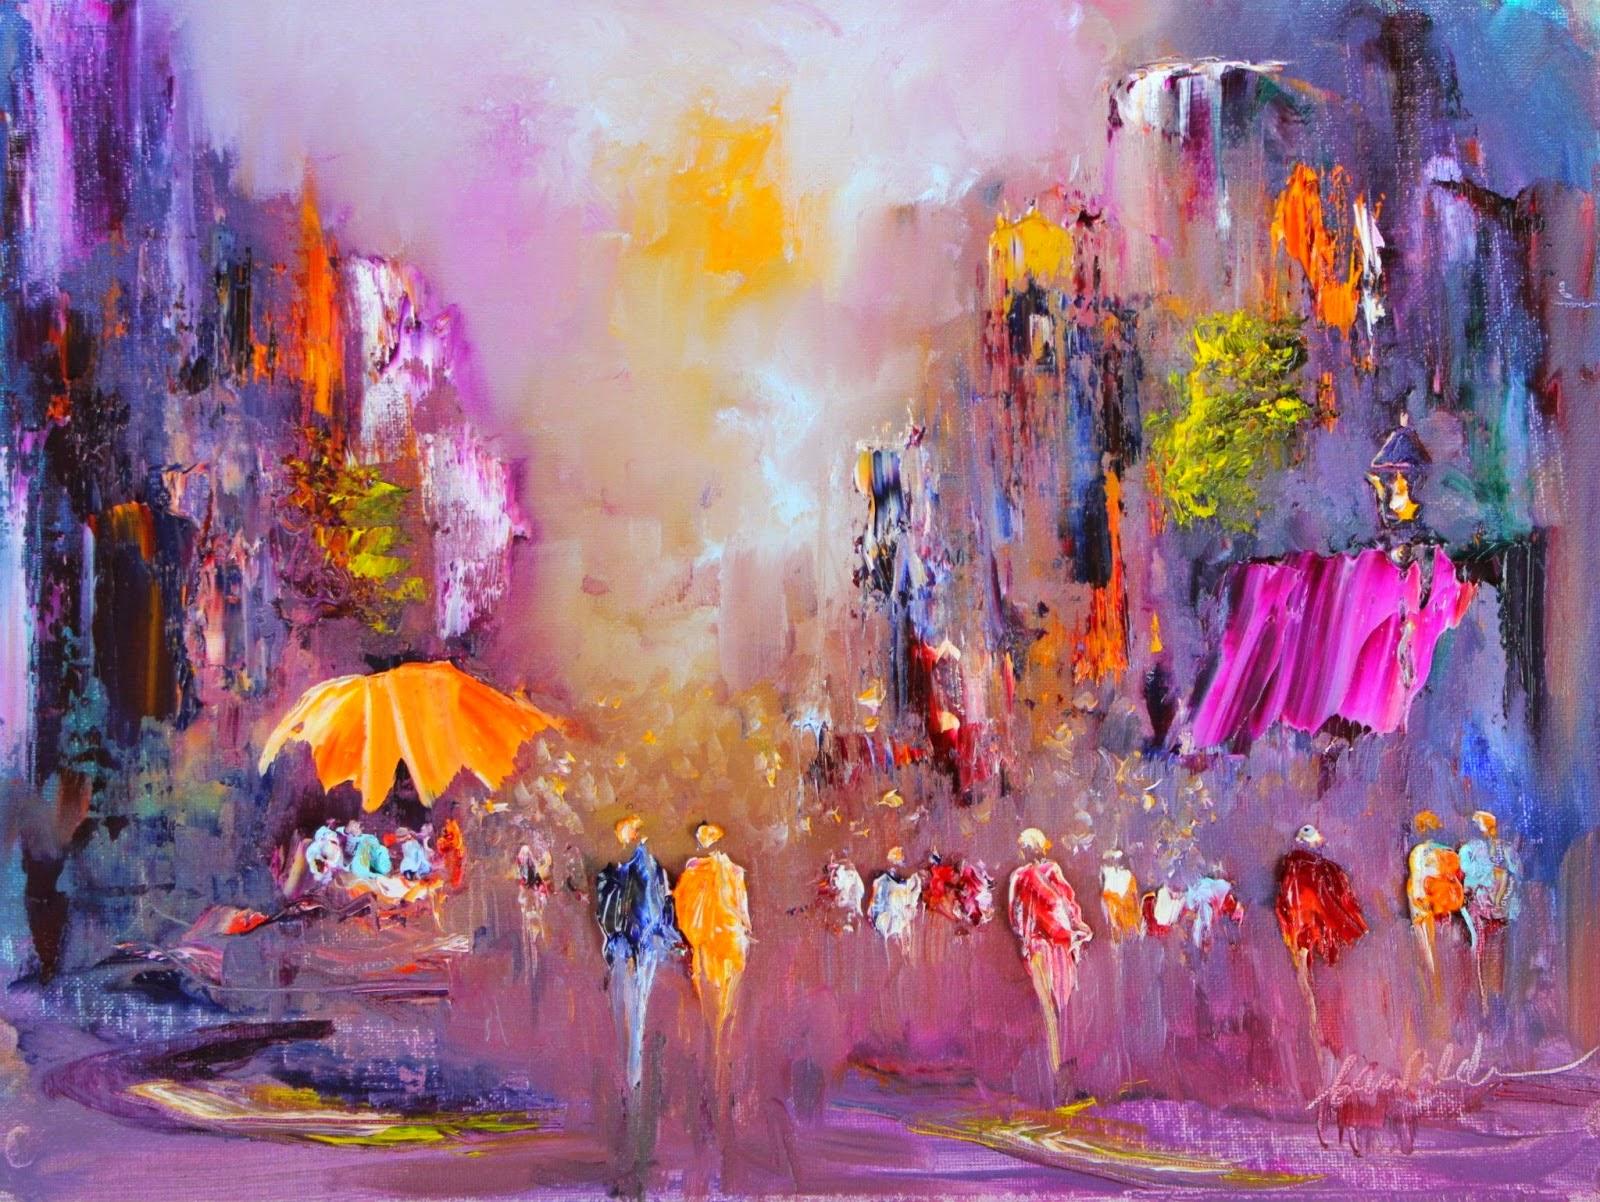 Por amor al arte pinturas abstractas de la artista carol - Fotos y cuadros ...